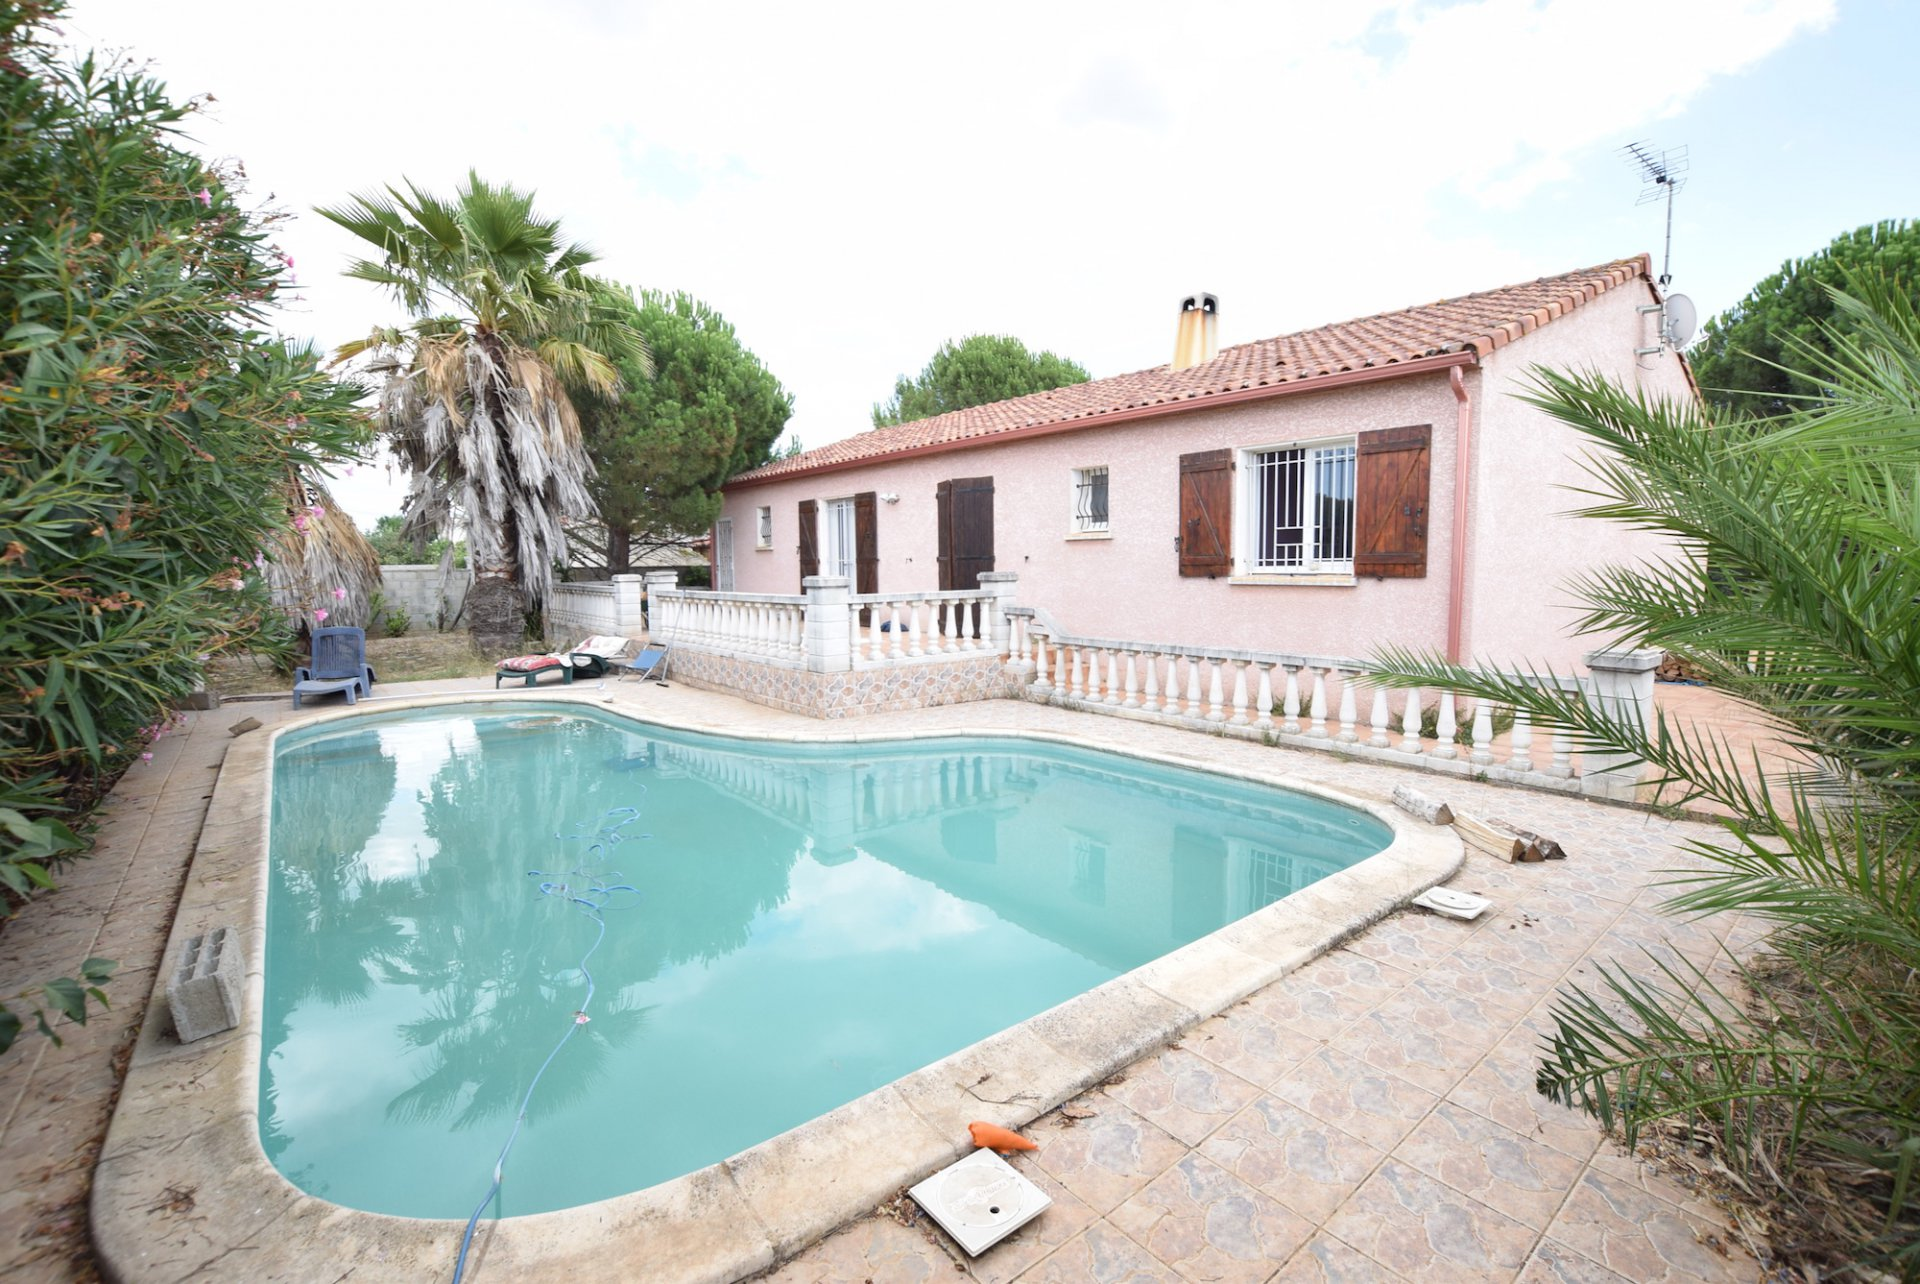 Maison de plain pied avec piscine et jardin